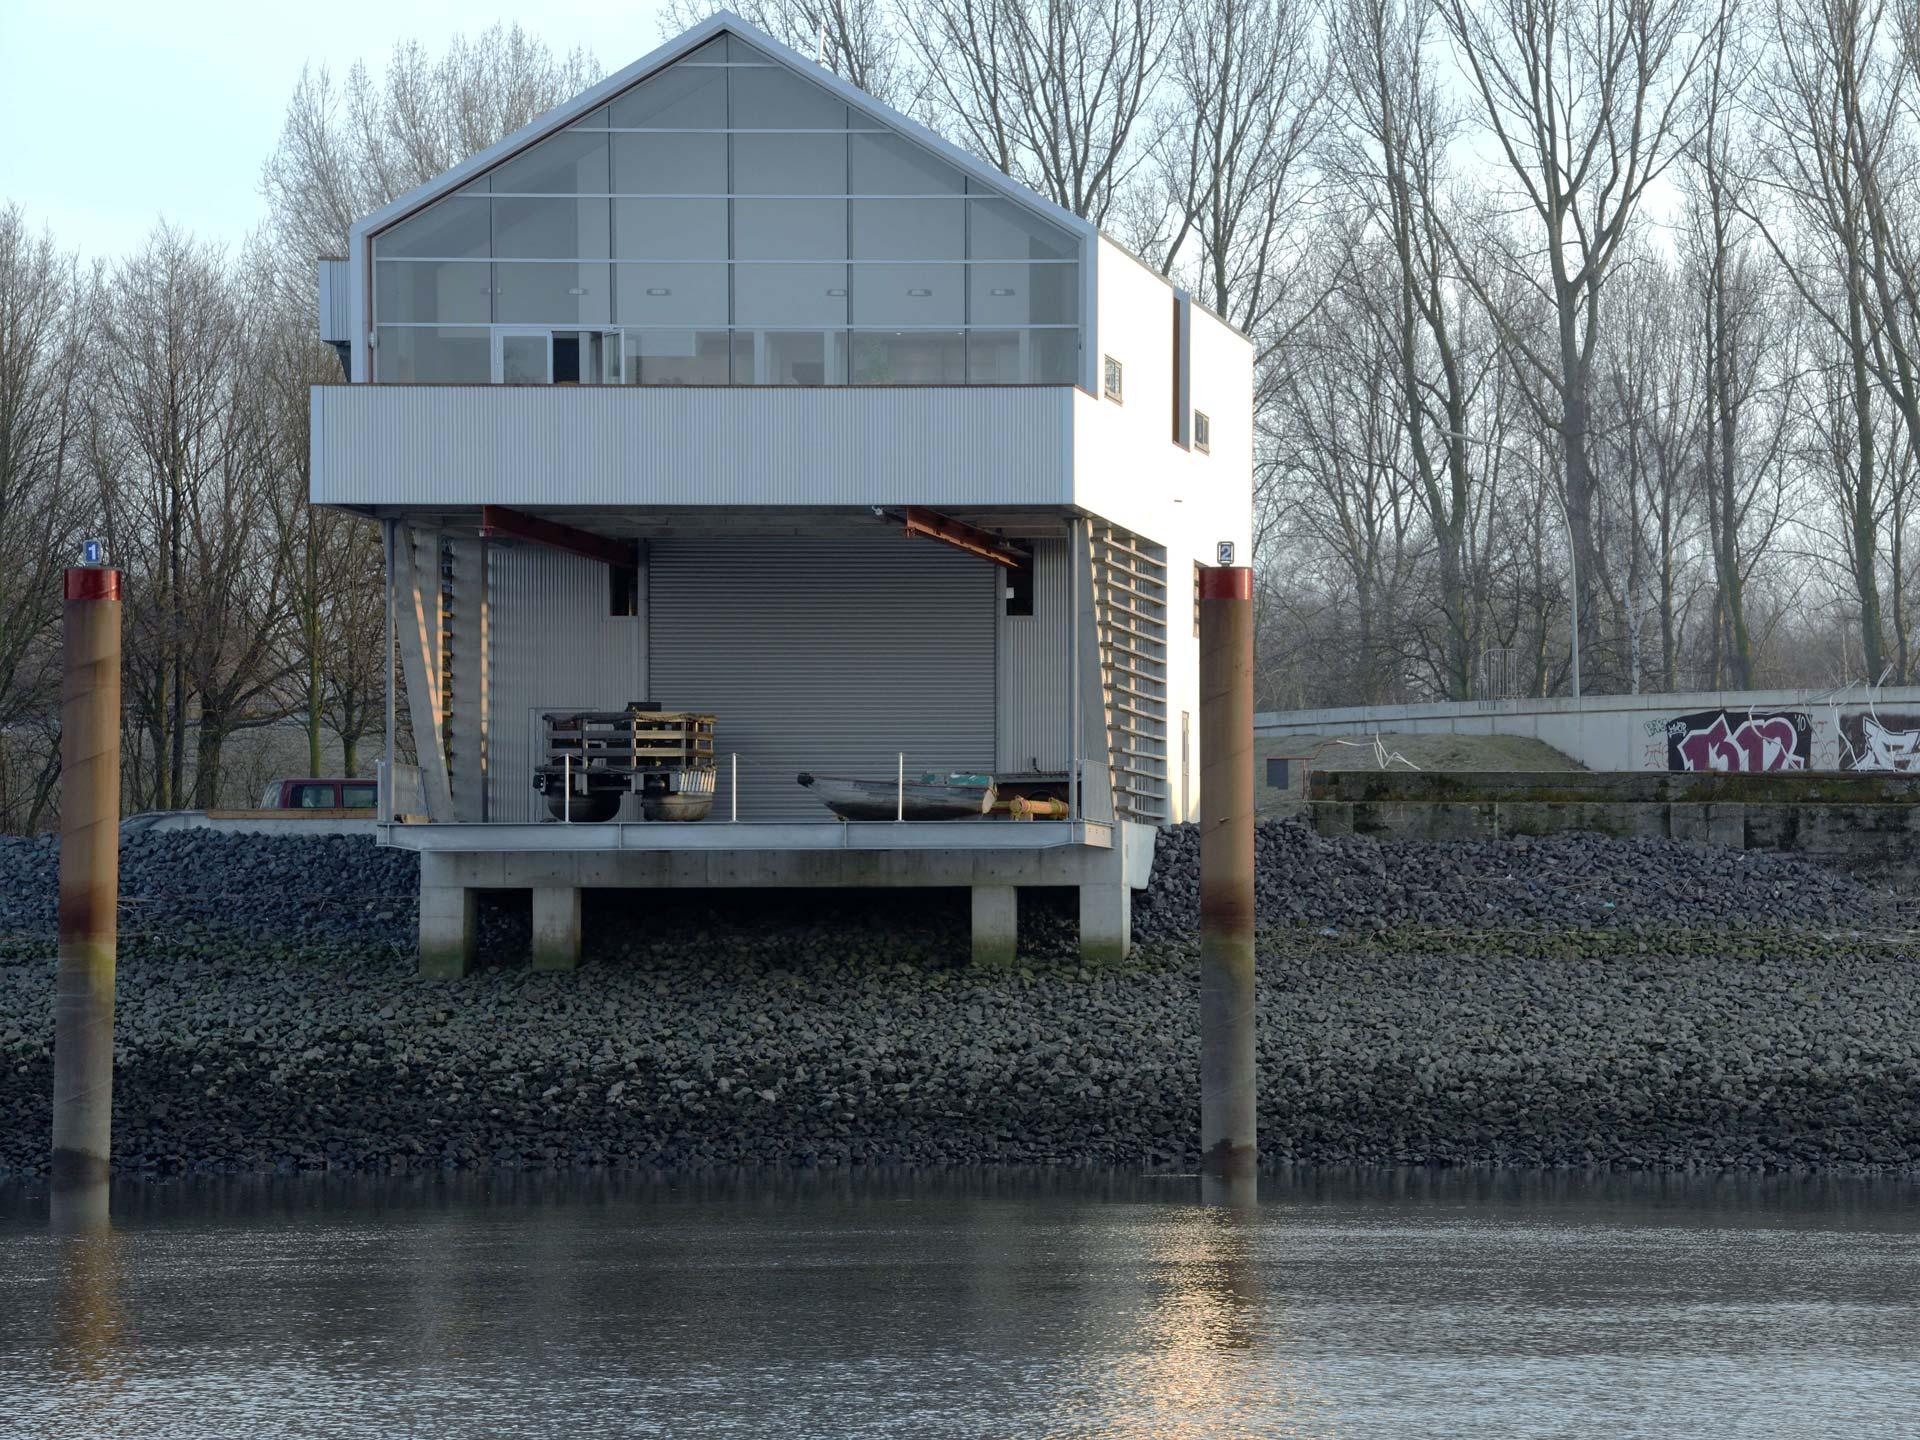 KSRK architekt - Haus der Projekte Veddel